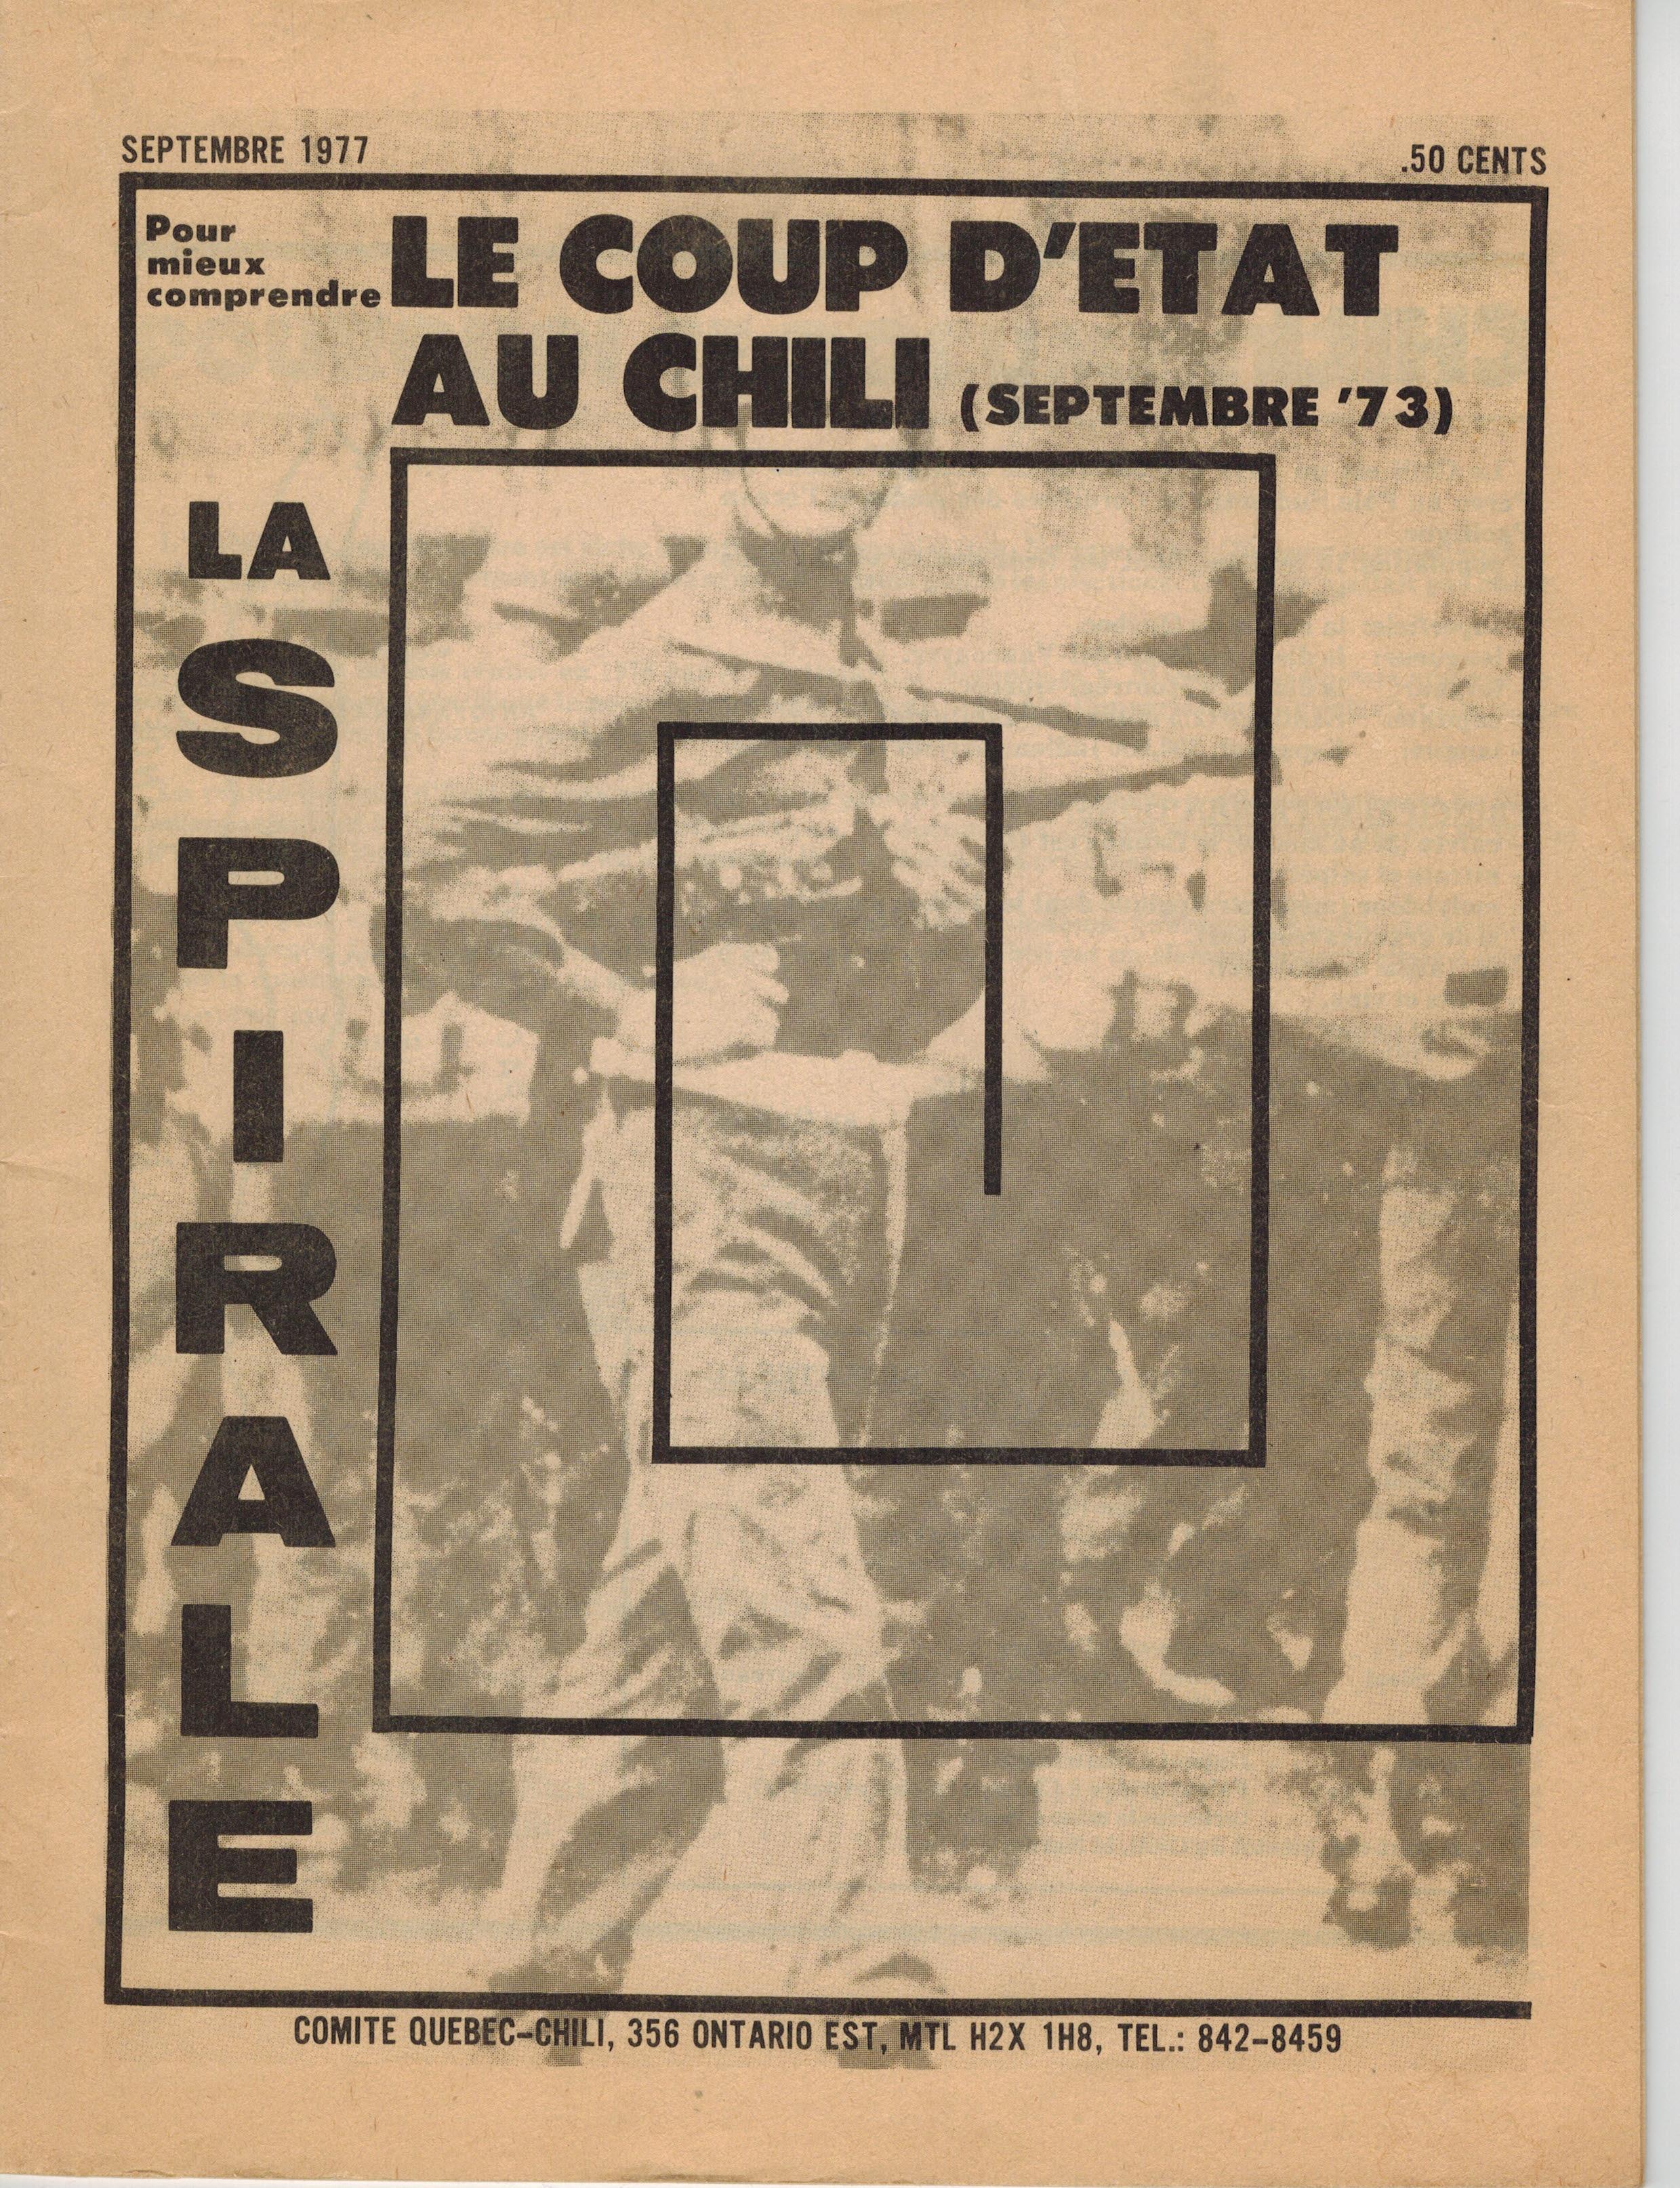 Qc-Chili-septembre 1977-couverture